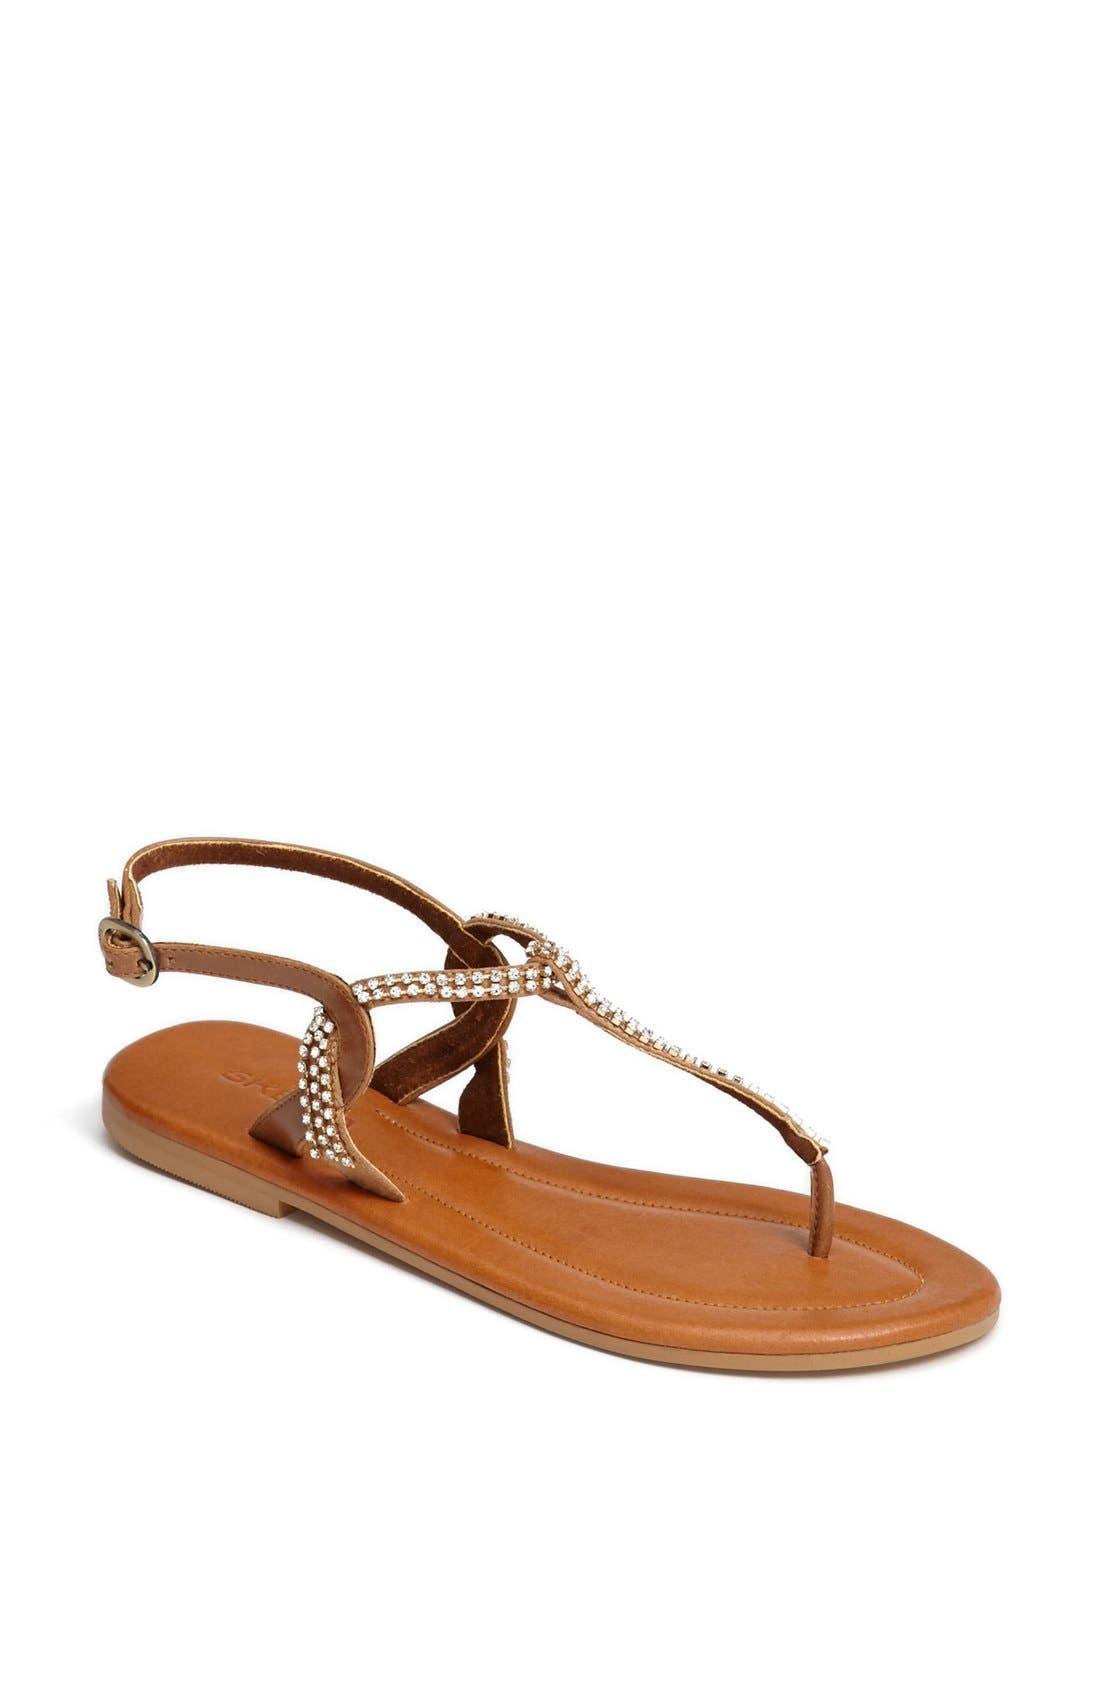 Main Image - Skemo 'Shannon' Sandal